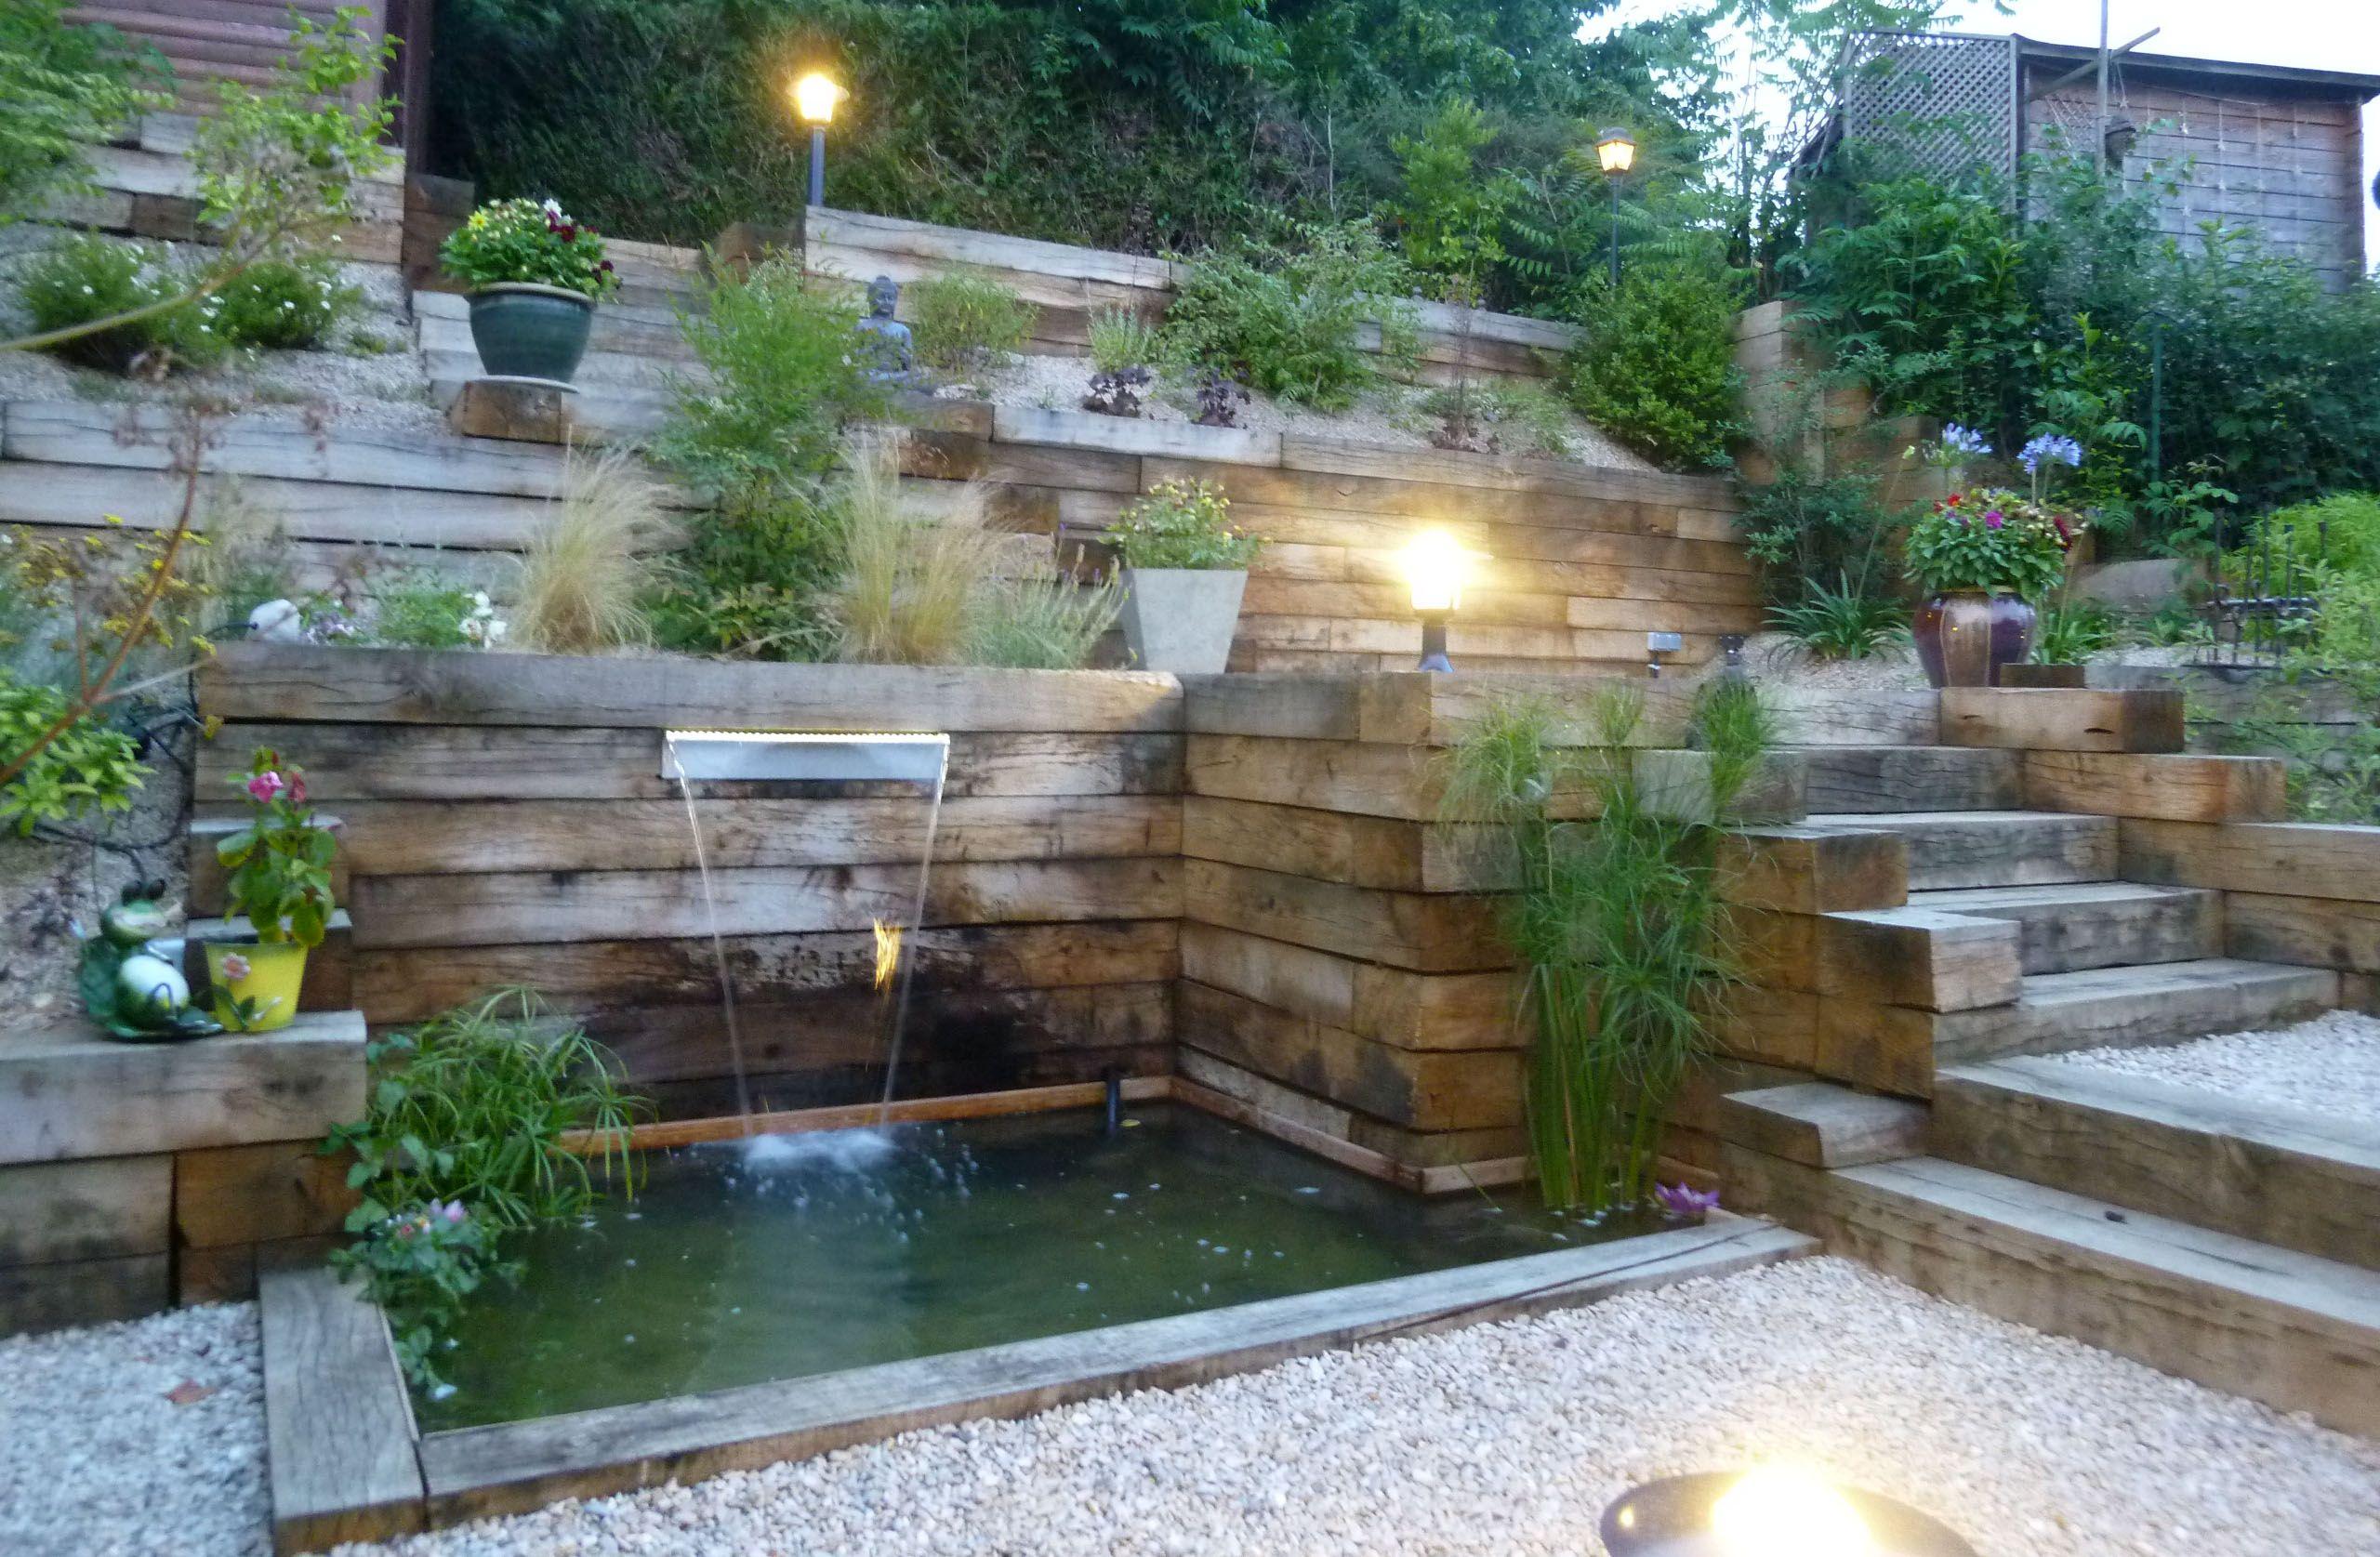 Jardin en pente zen moyens d apprivoiser un jardin en for Conseil amenagement paysager